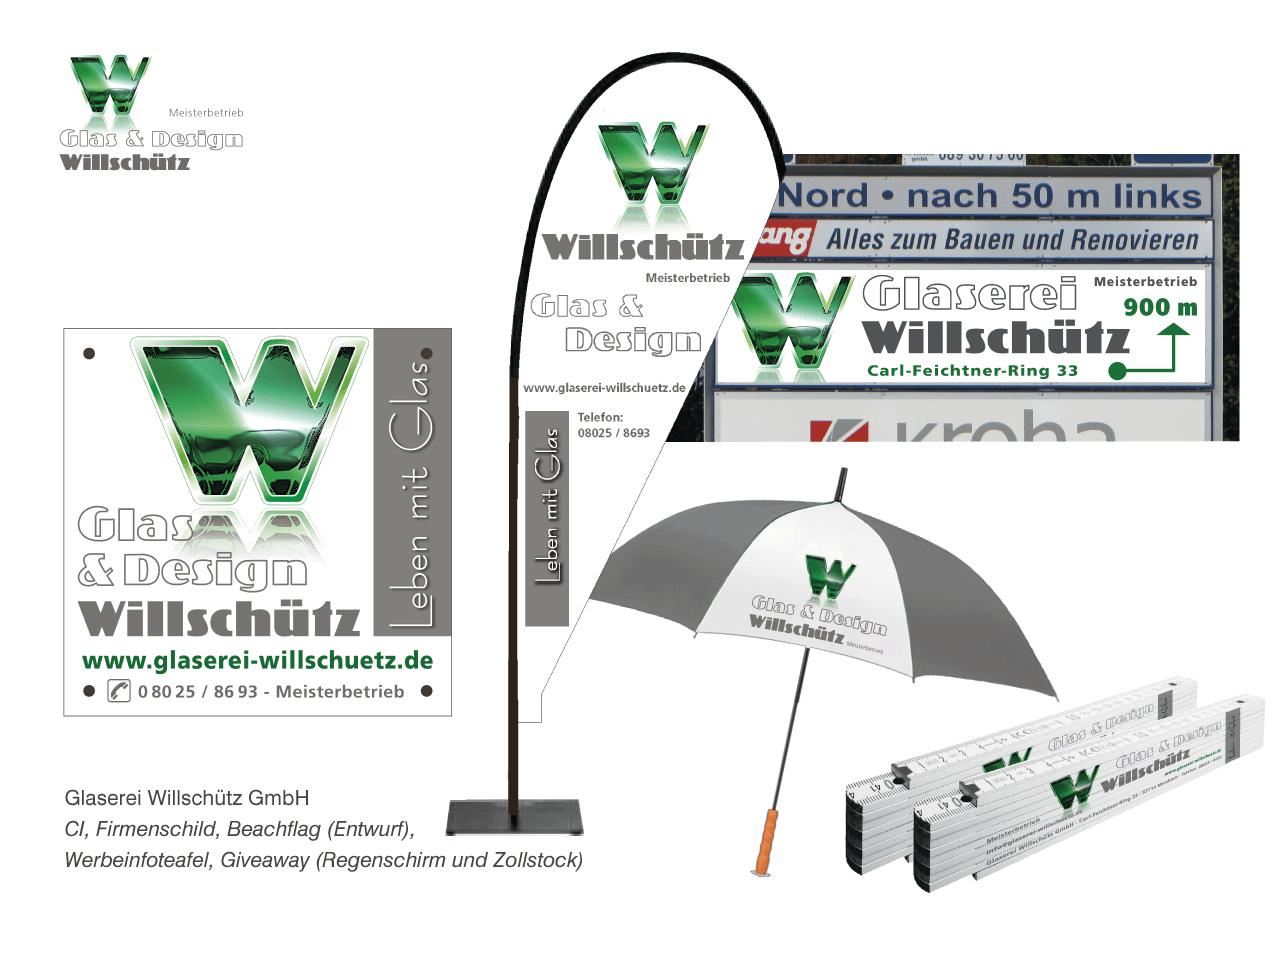 Glaserei Willschütz GmbH - Corporate Design, Firmenschild, Beachflagentwurf, Werbe-Infotafel, Giveaway-Präsente